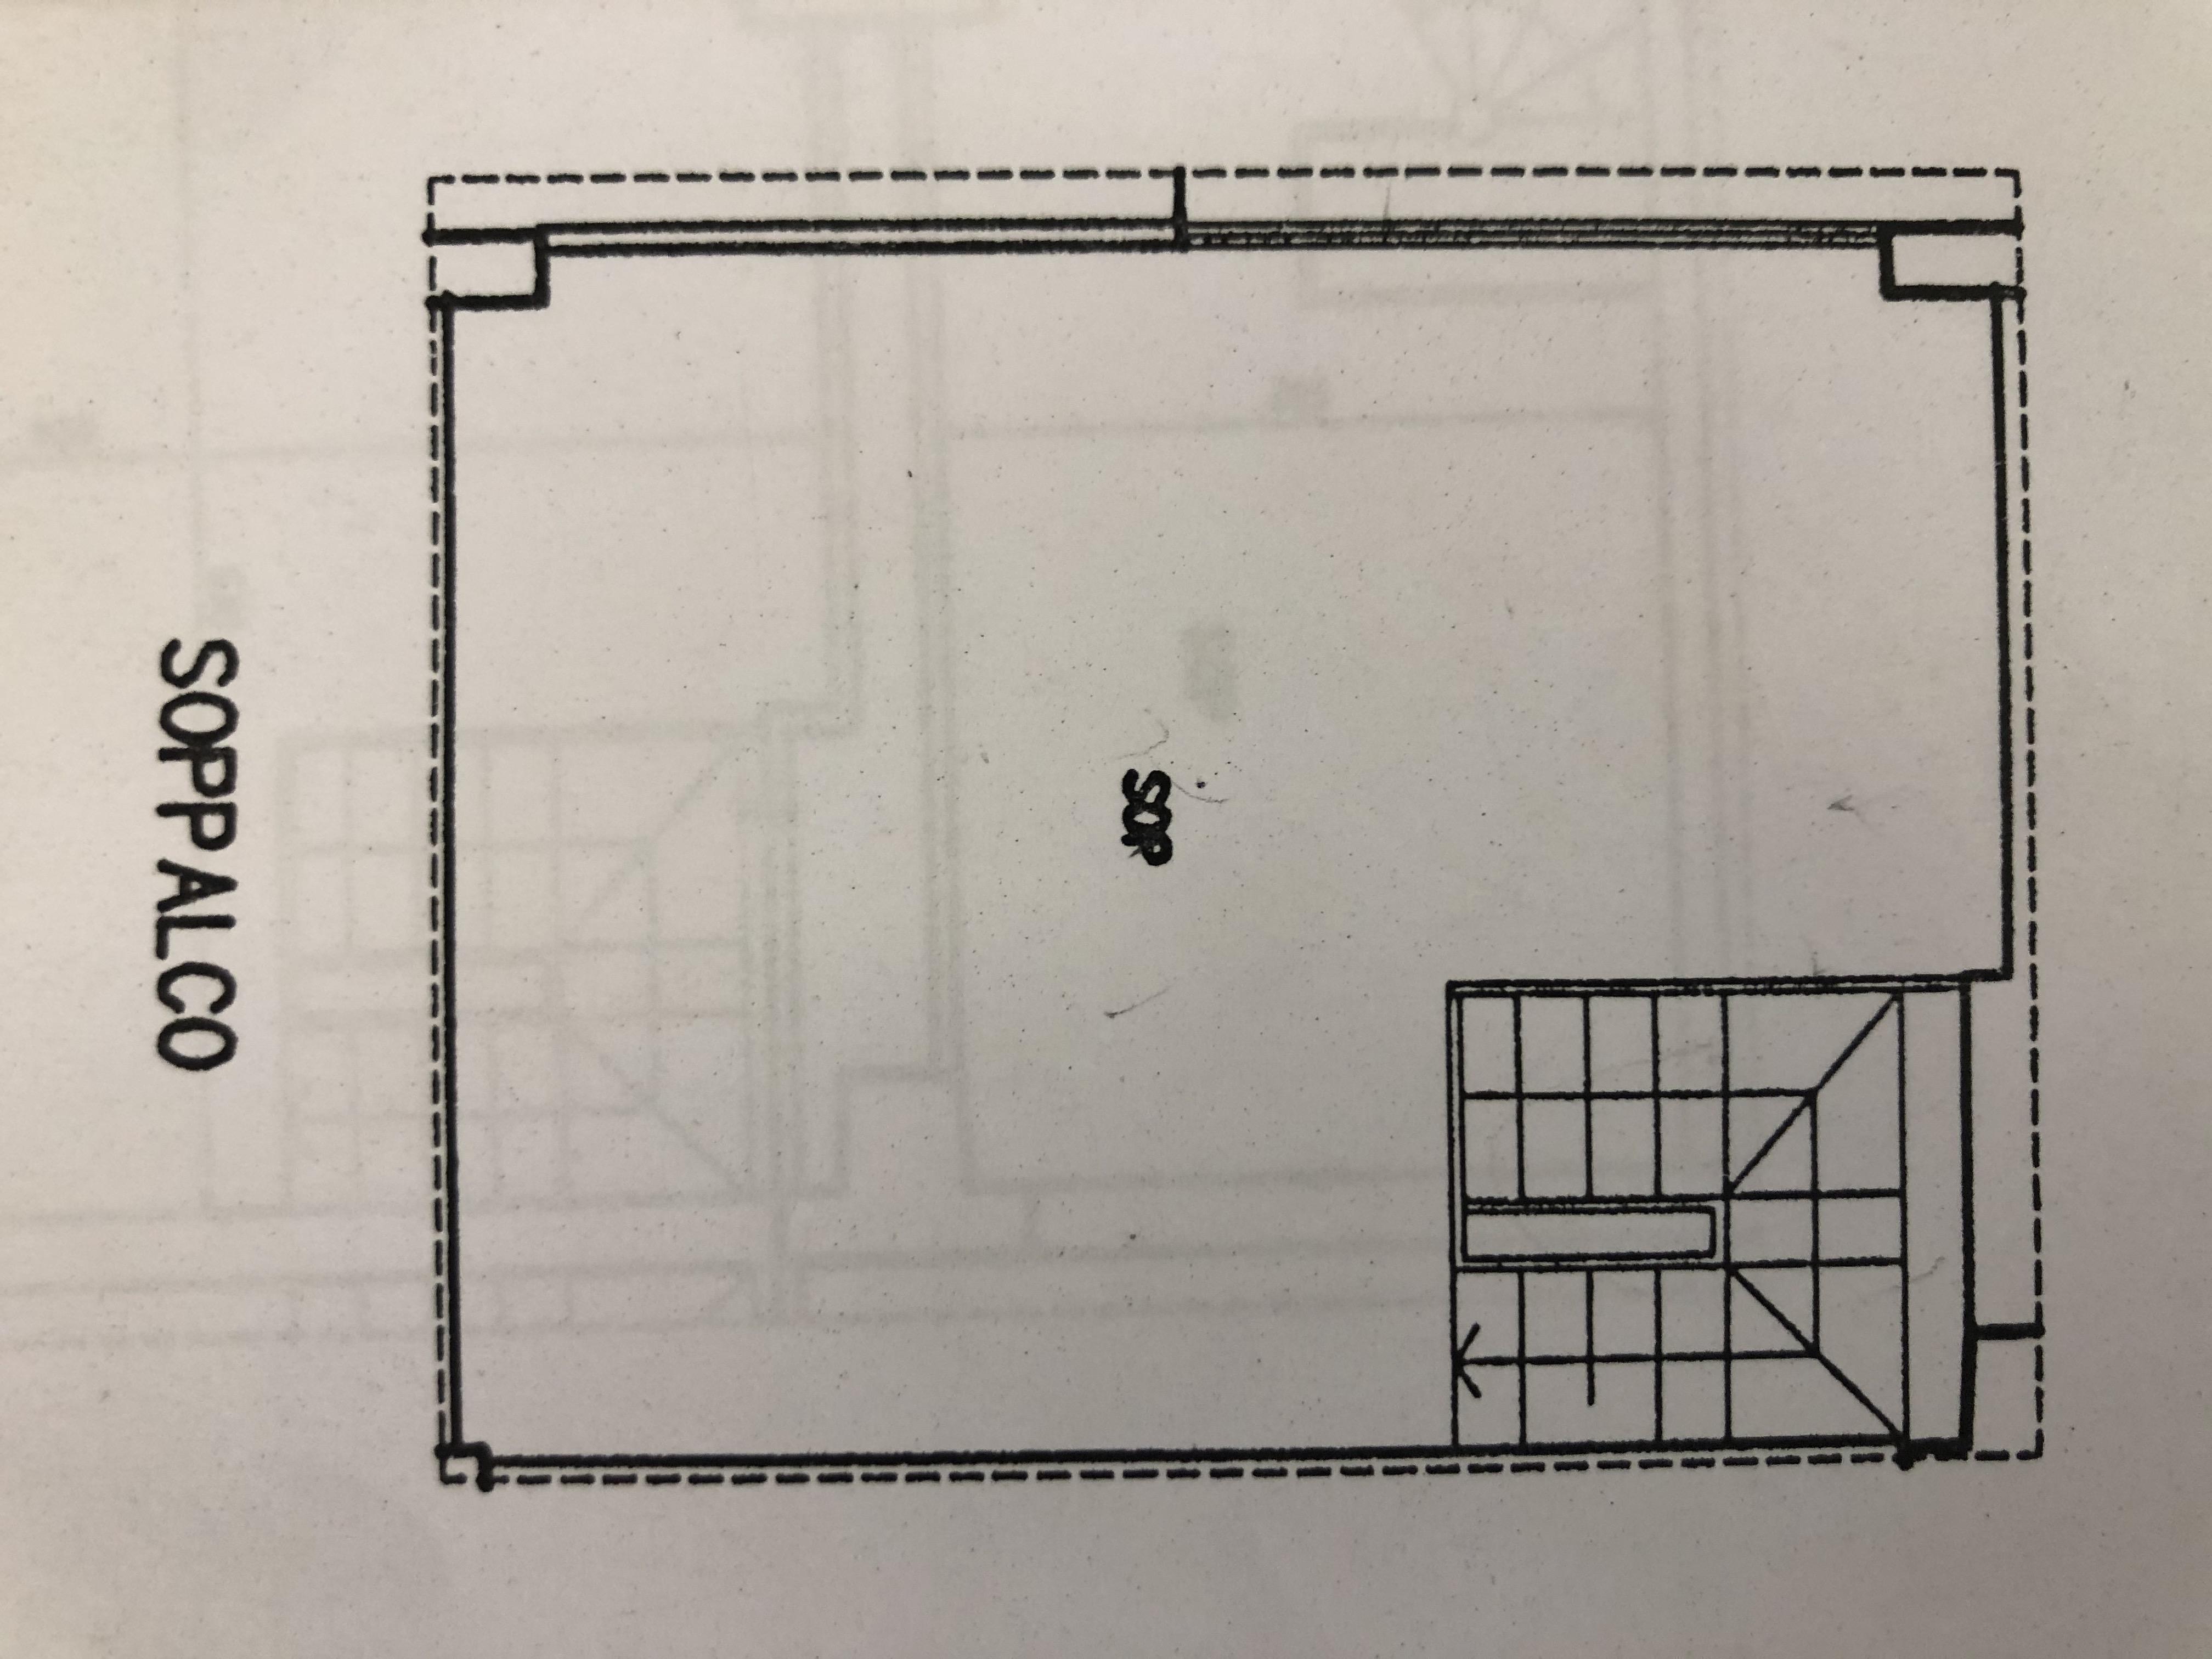 Appartamento in vendita, rif. F/0396 (Planimetria 2/2)